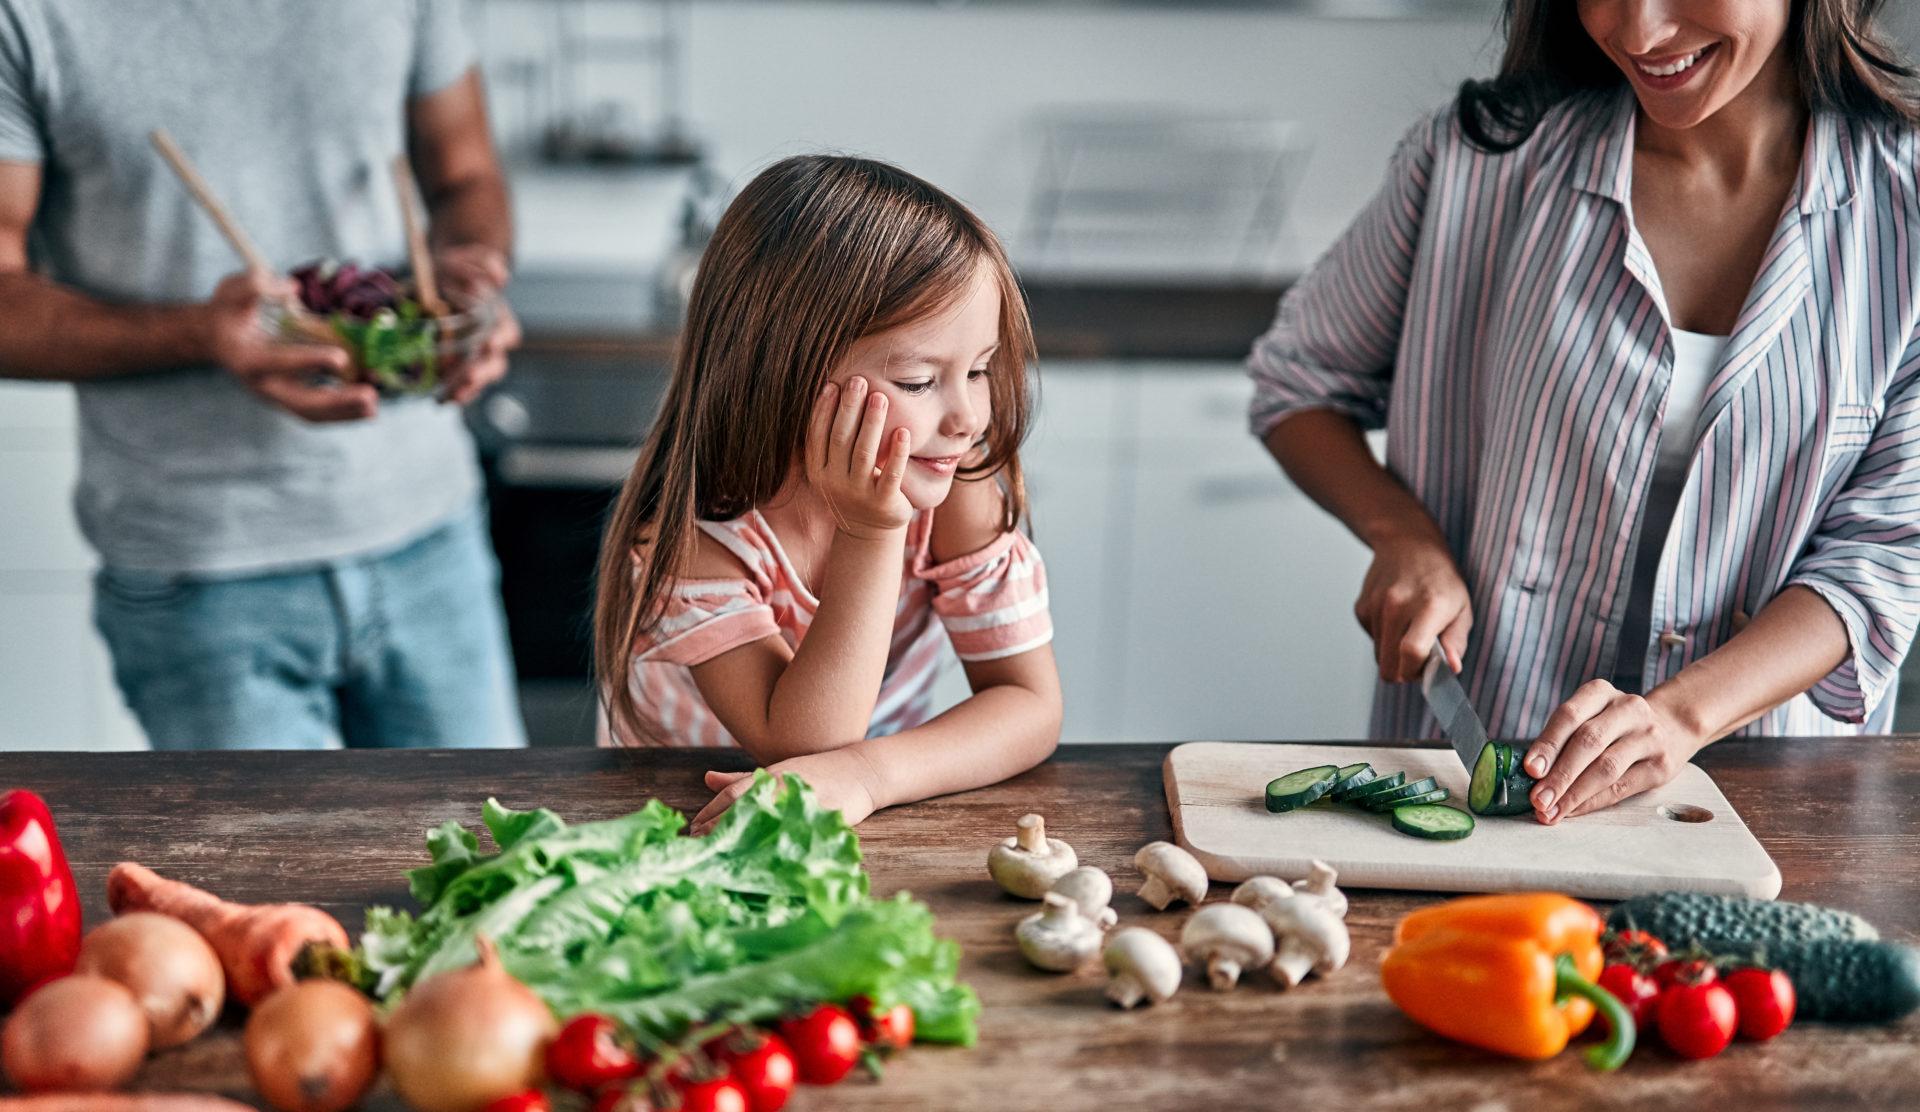 Rodzina w kuchni przygotowuje sałatkę